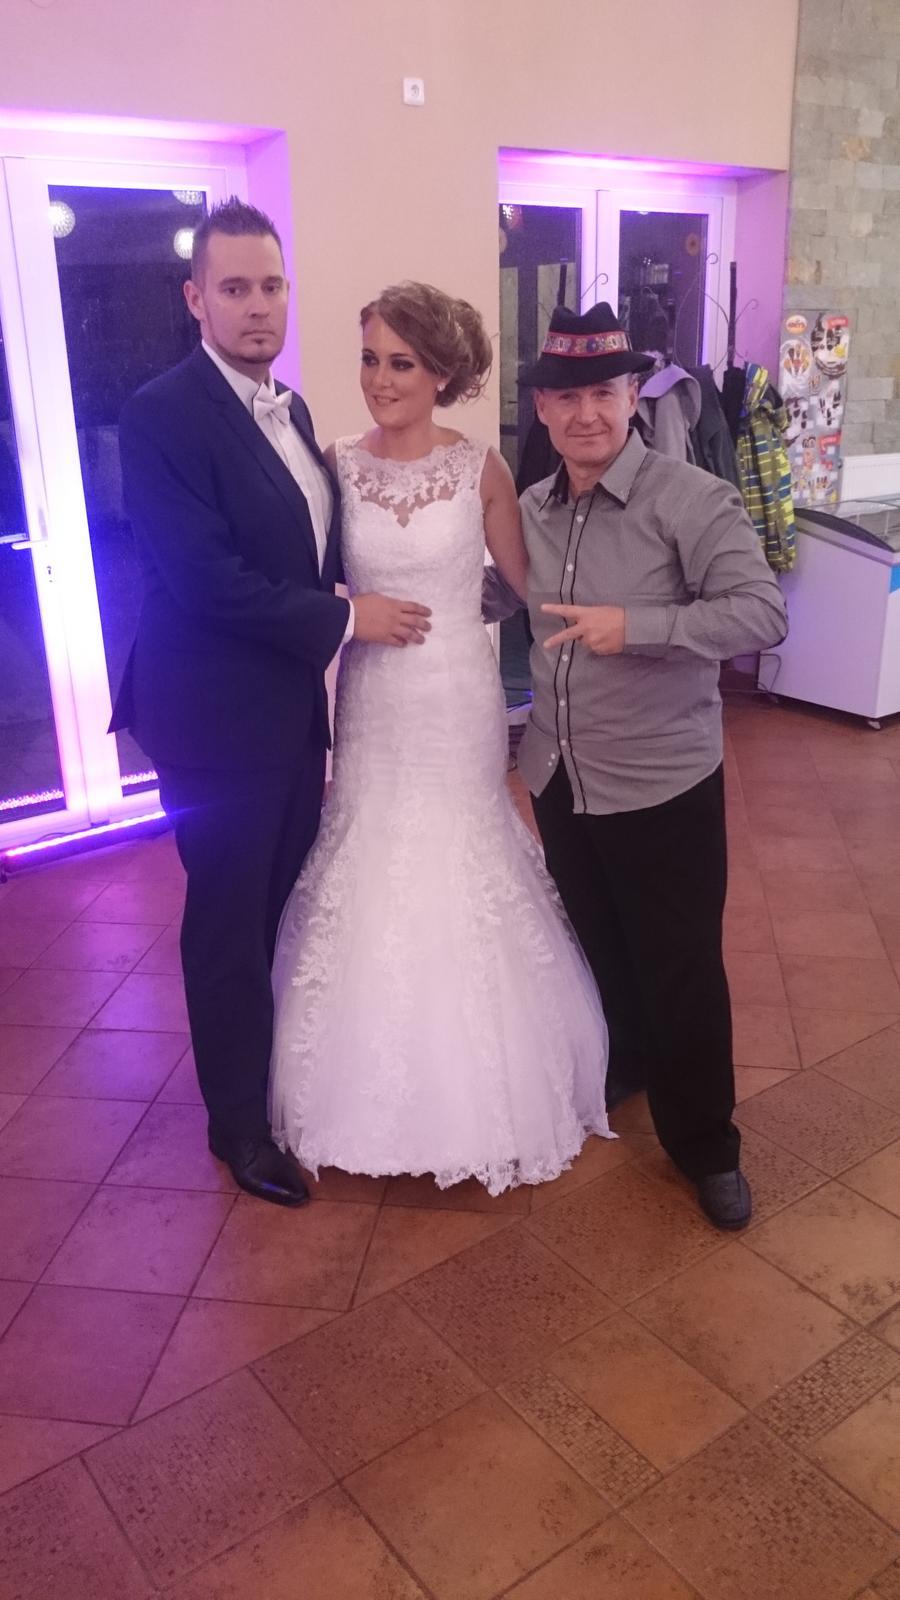 Svadby odohrate 2015-2016.... - Obrázok č. 57